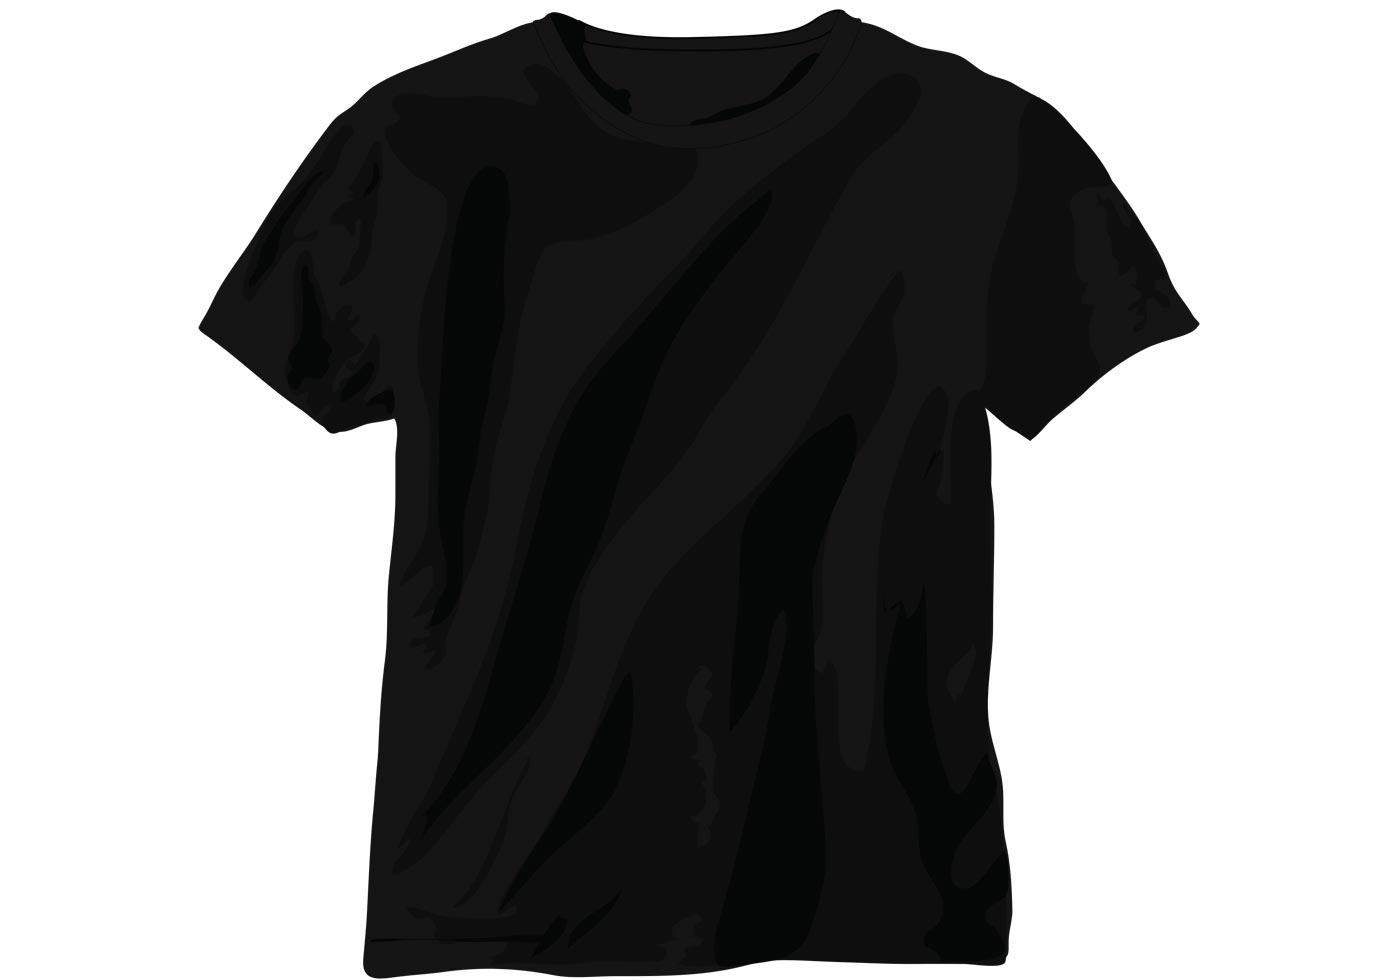 T Shirt Free Vector Art - (1060 Free Downloads)